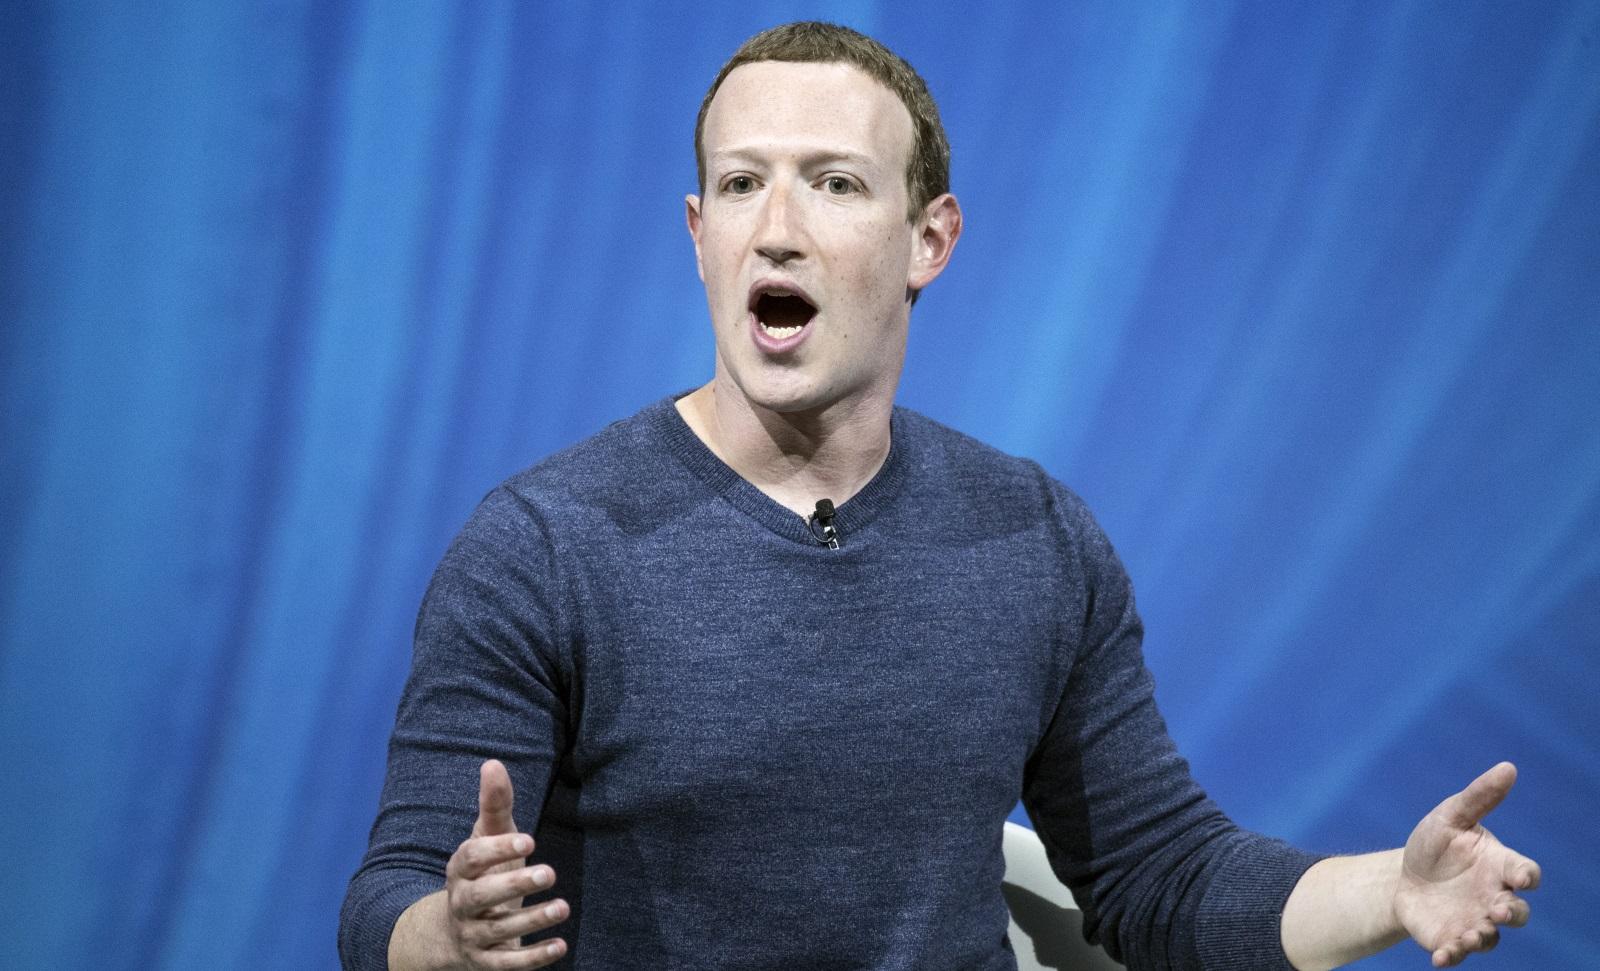 Марк Зукърбърг, основател на Фейсбук<br /> Състояние: 64,6 милиарда долара: кола: Acura TSX; базова цена: 30 635 долара